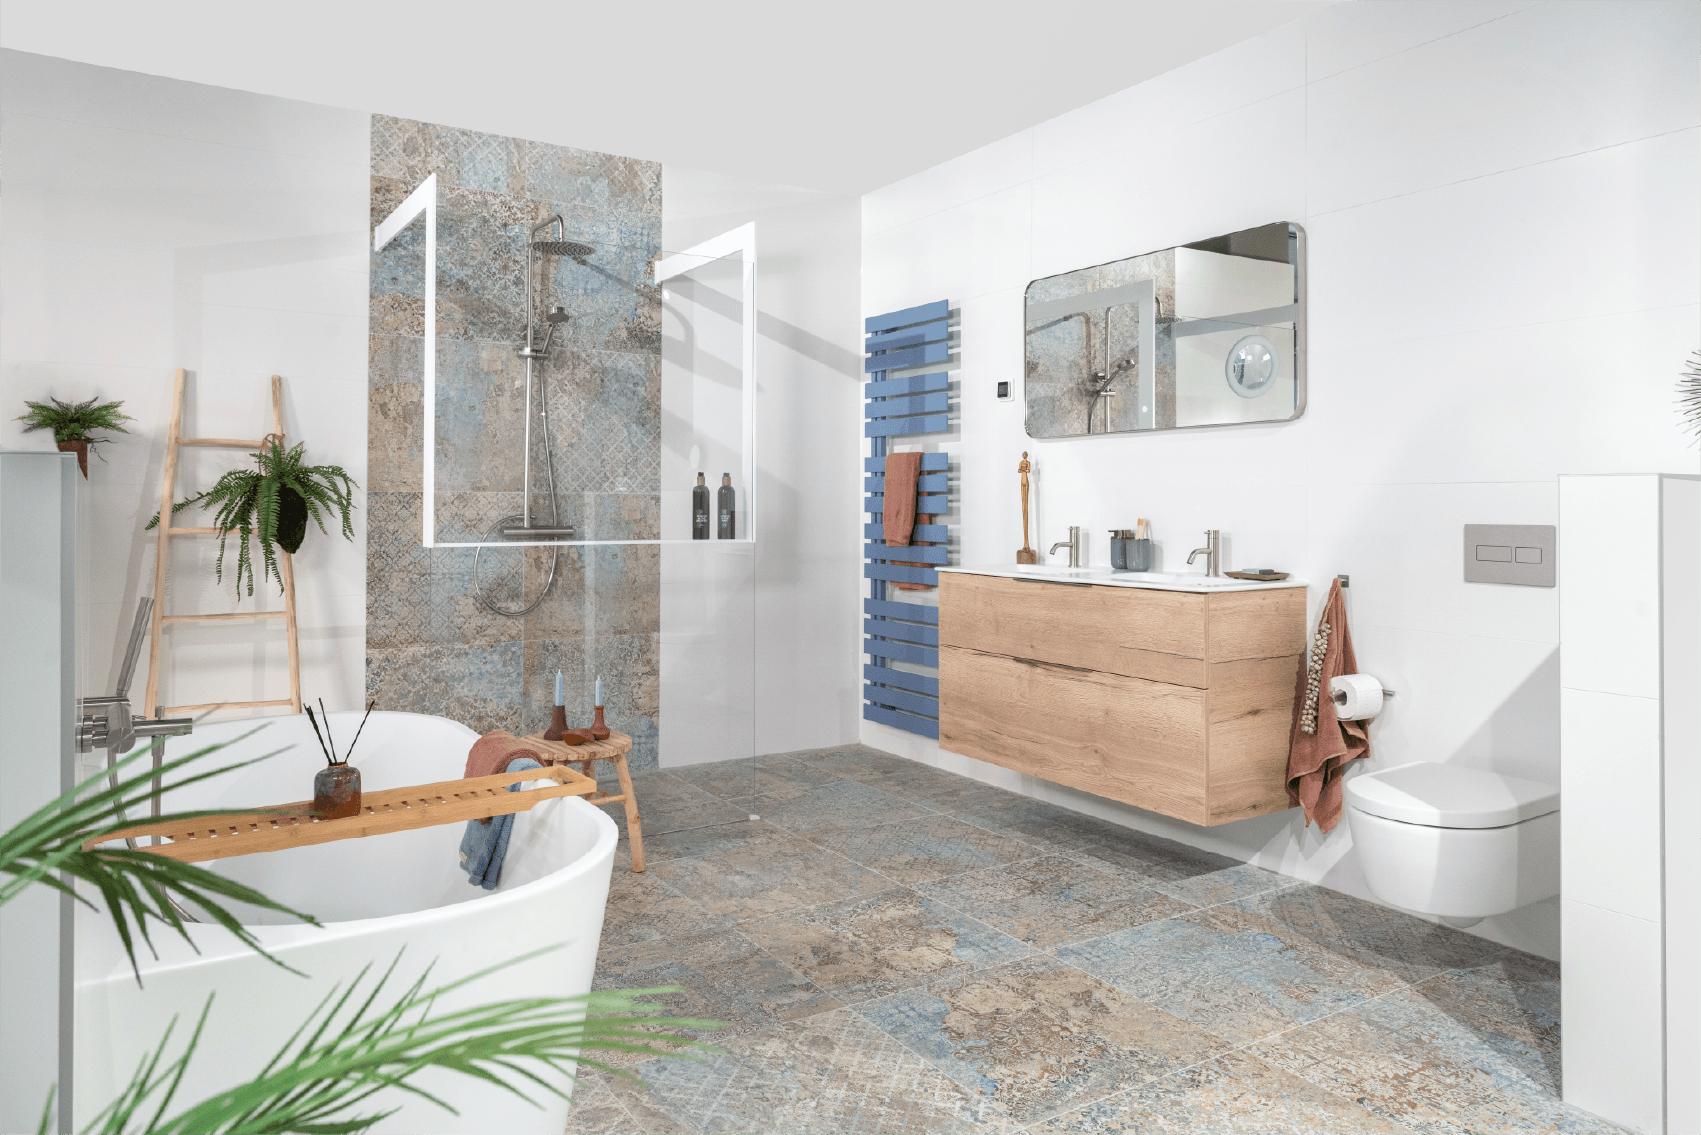 Mijnbadinstijl-mediteraanse-badkamer-blog-7